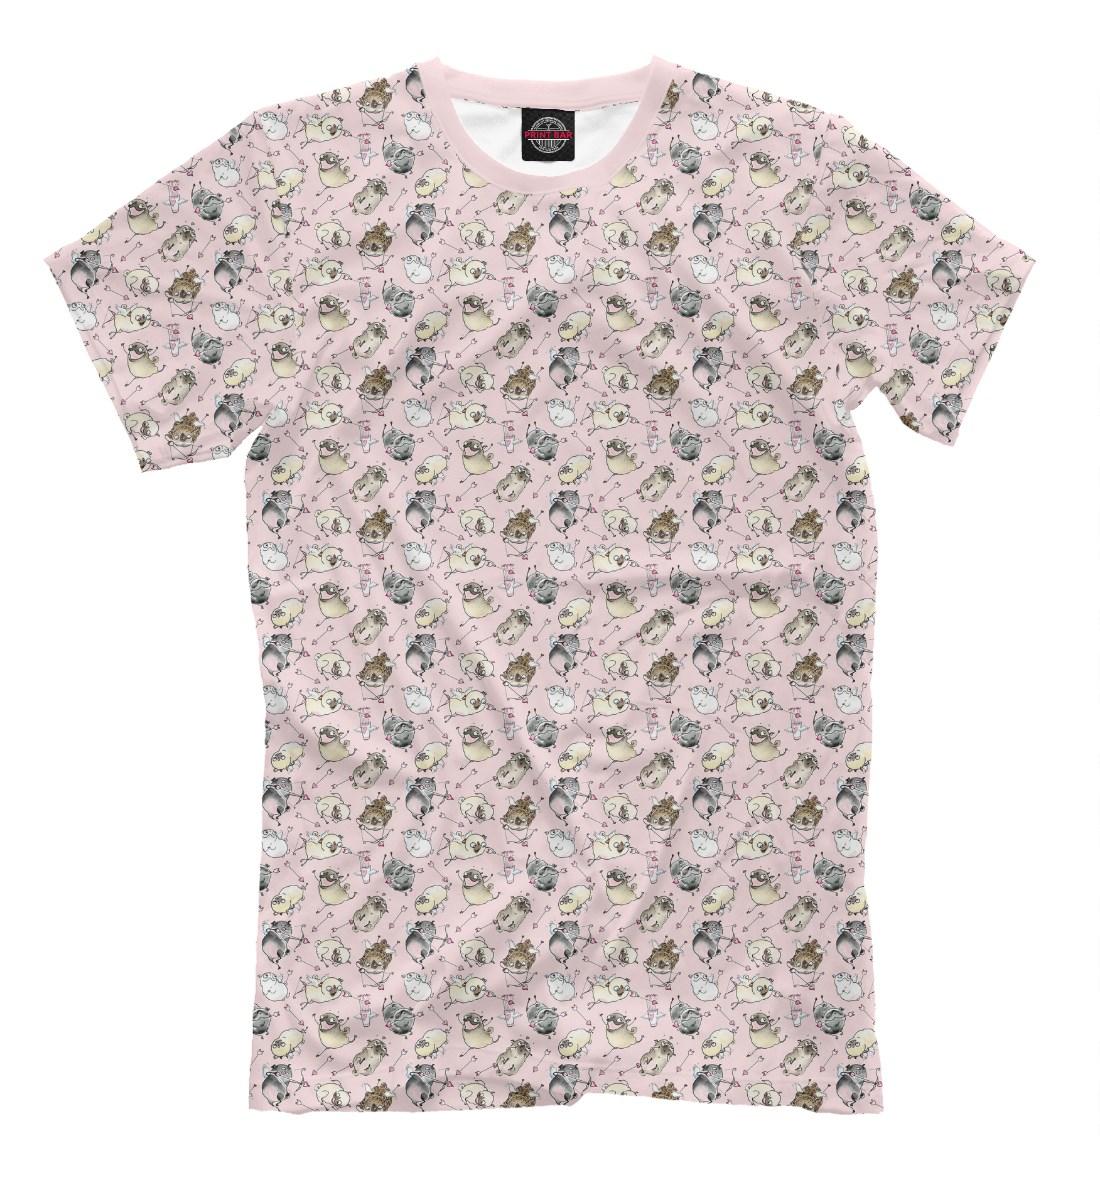 Мужская футболка Влюбленные собачки